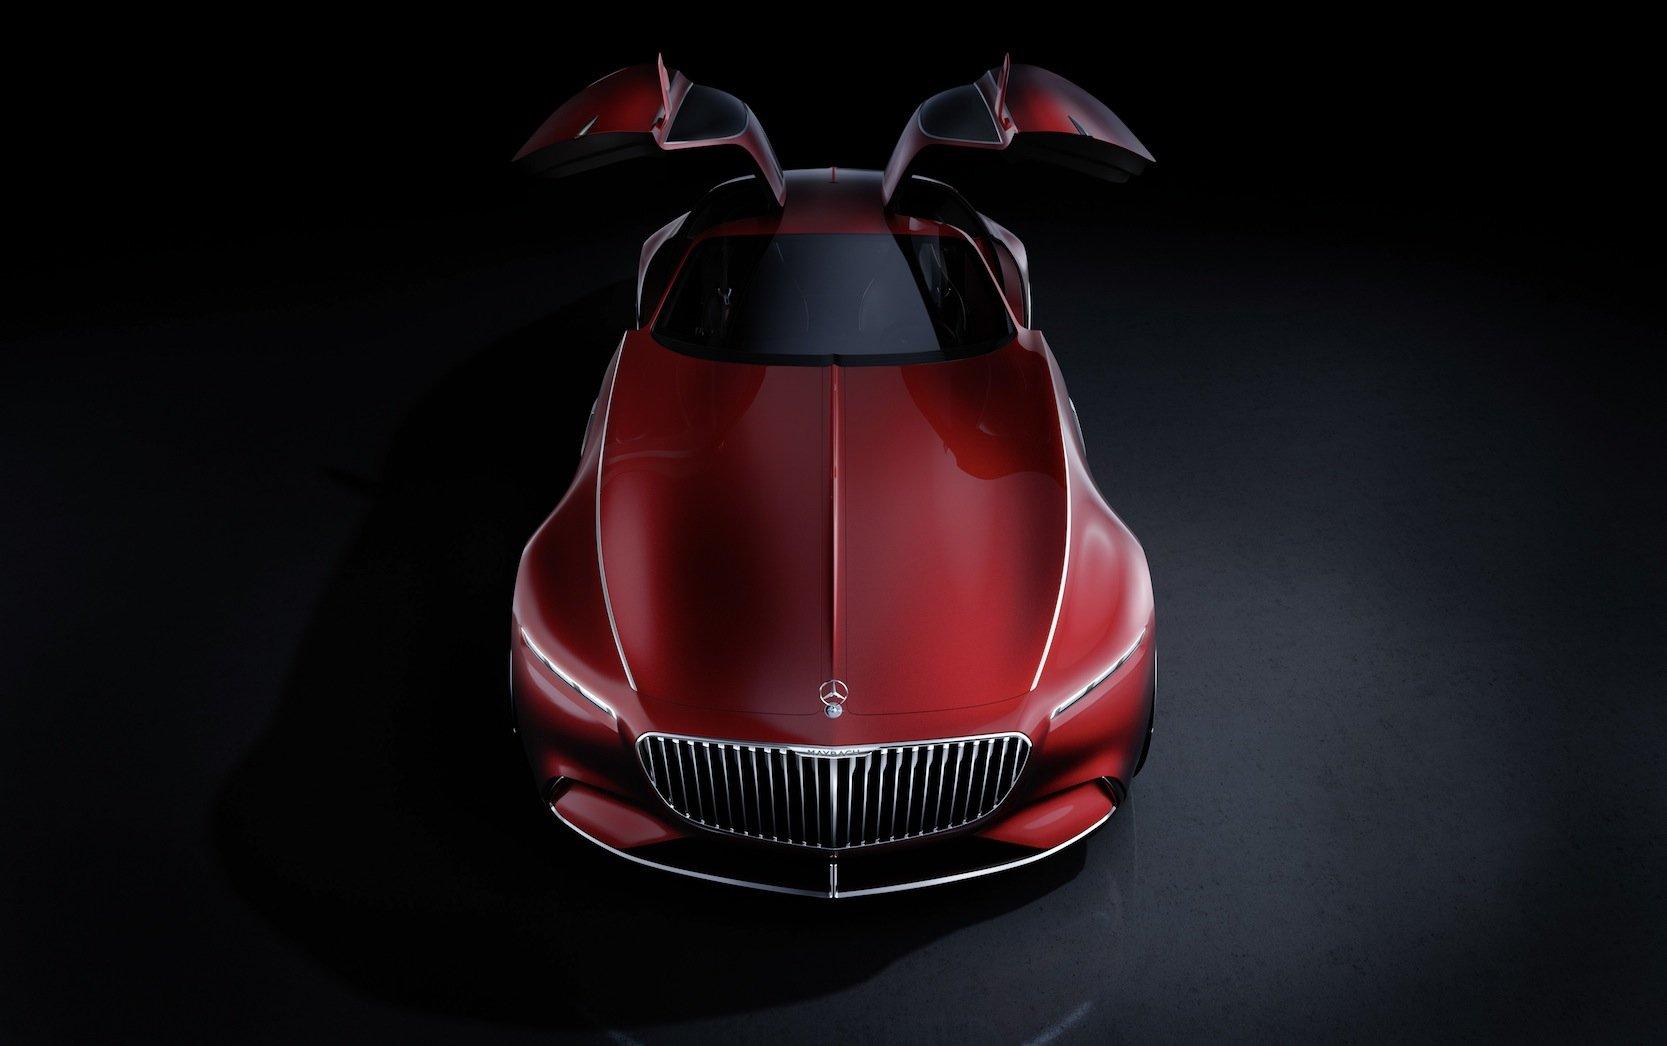 Der Mercedes-Maybach 6 hat elegante Flügeltüren und deutlich sichtbare Kotflügel vorne.